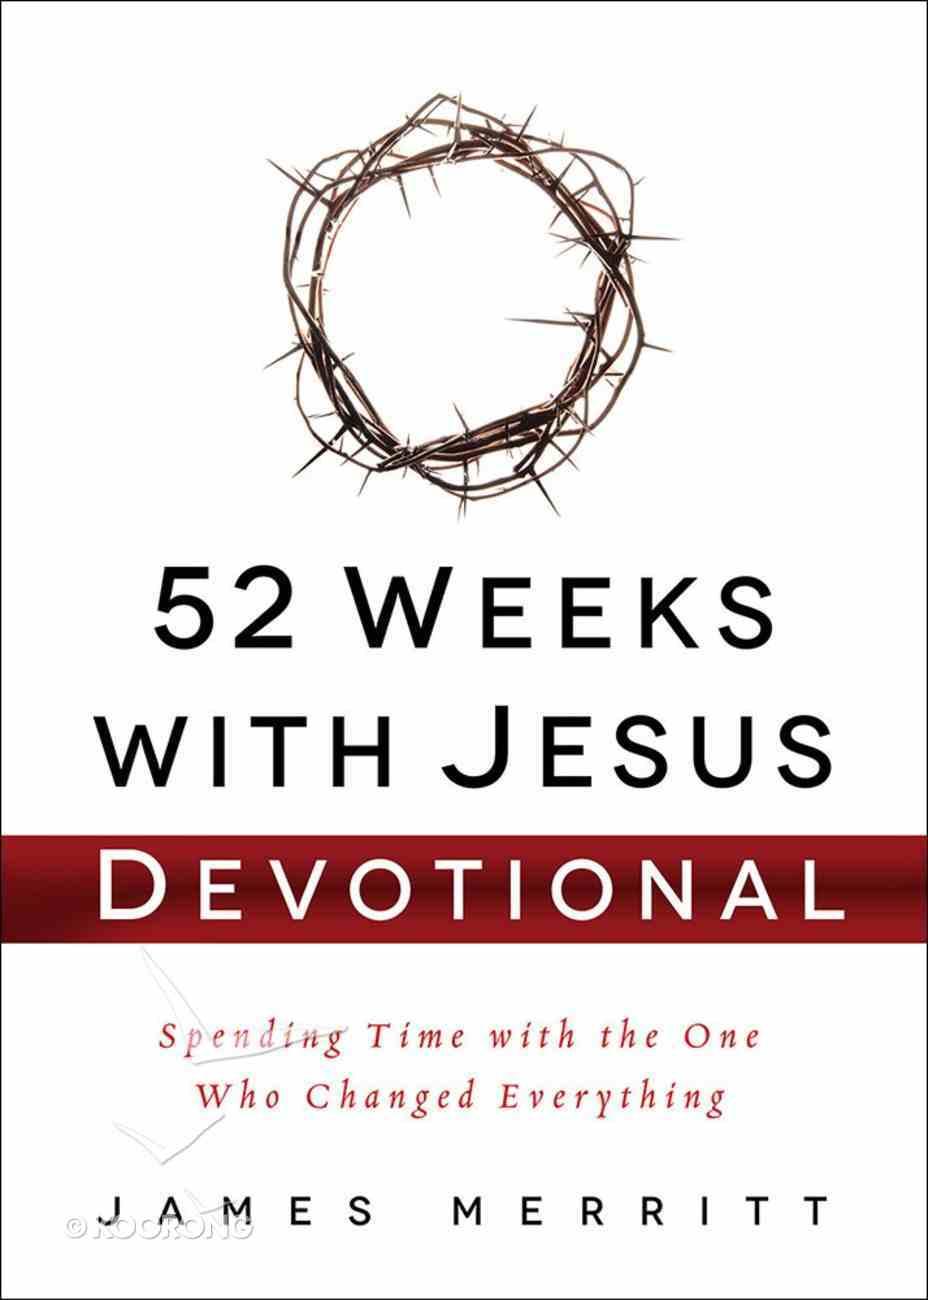 52 Weeks With Jesus Devotional Hardback